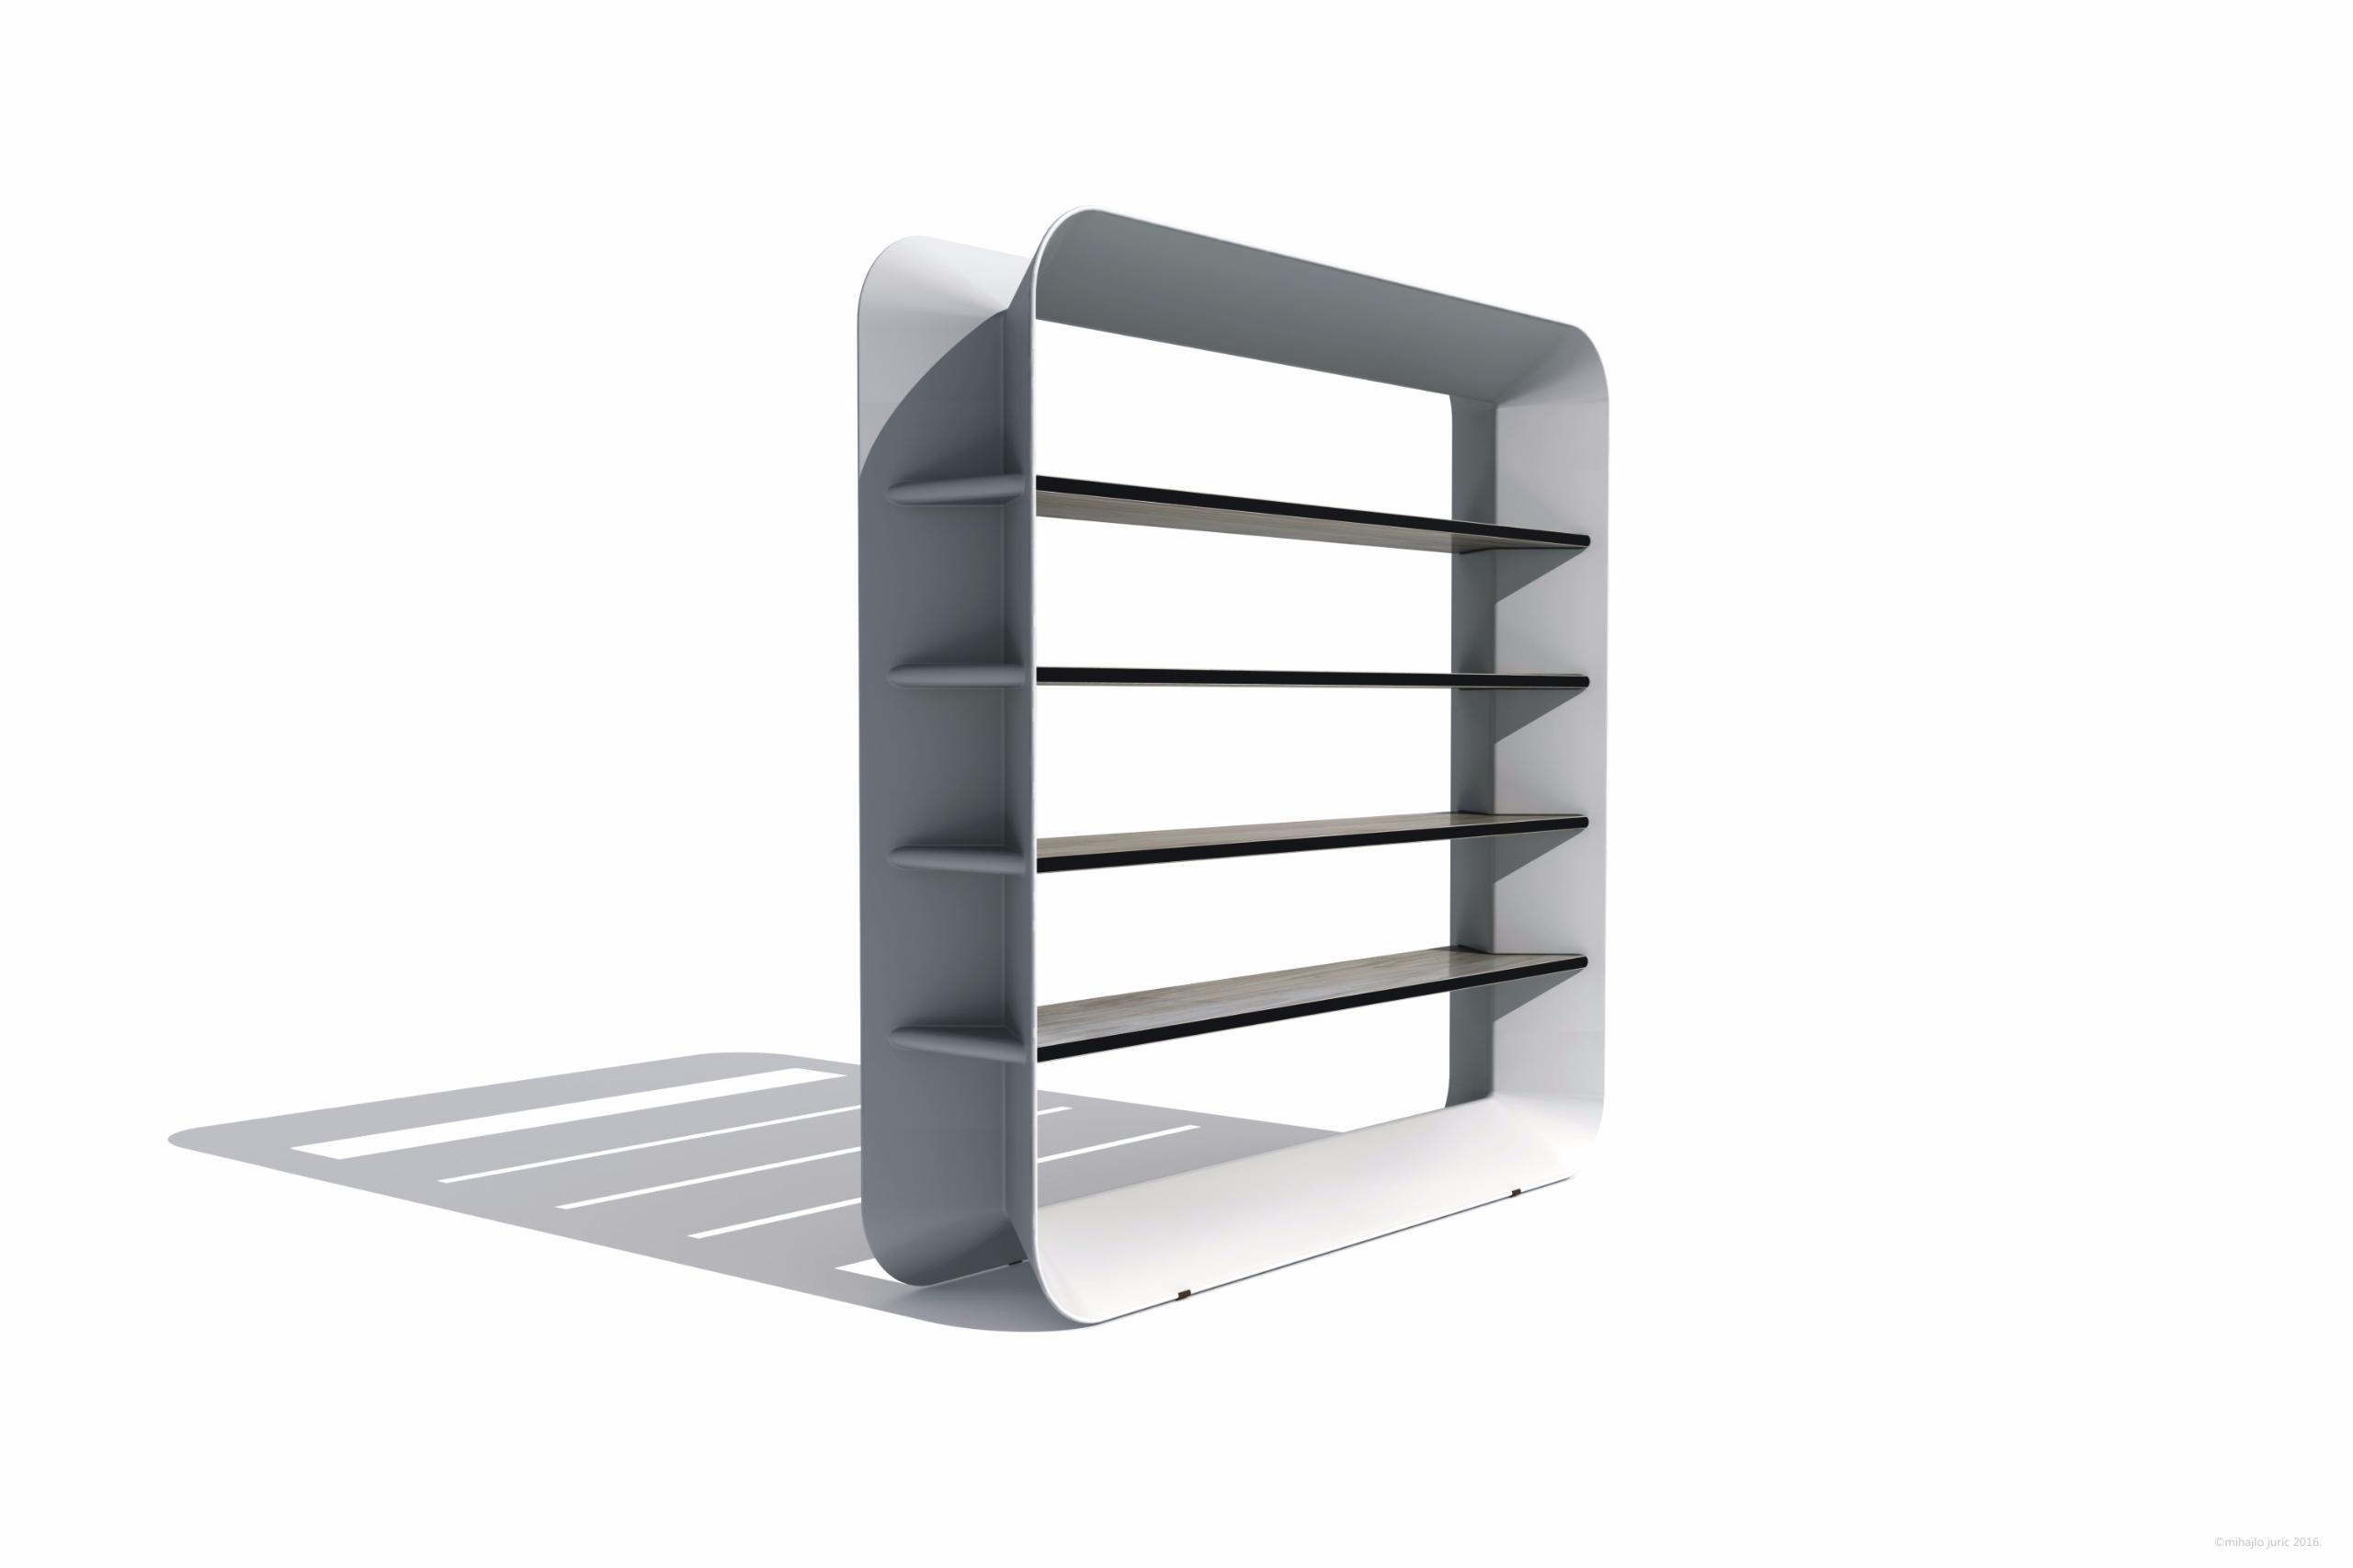 ram - minimal, furniture, design - mhjl   ello